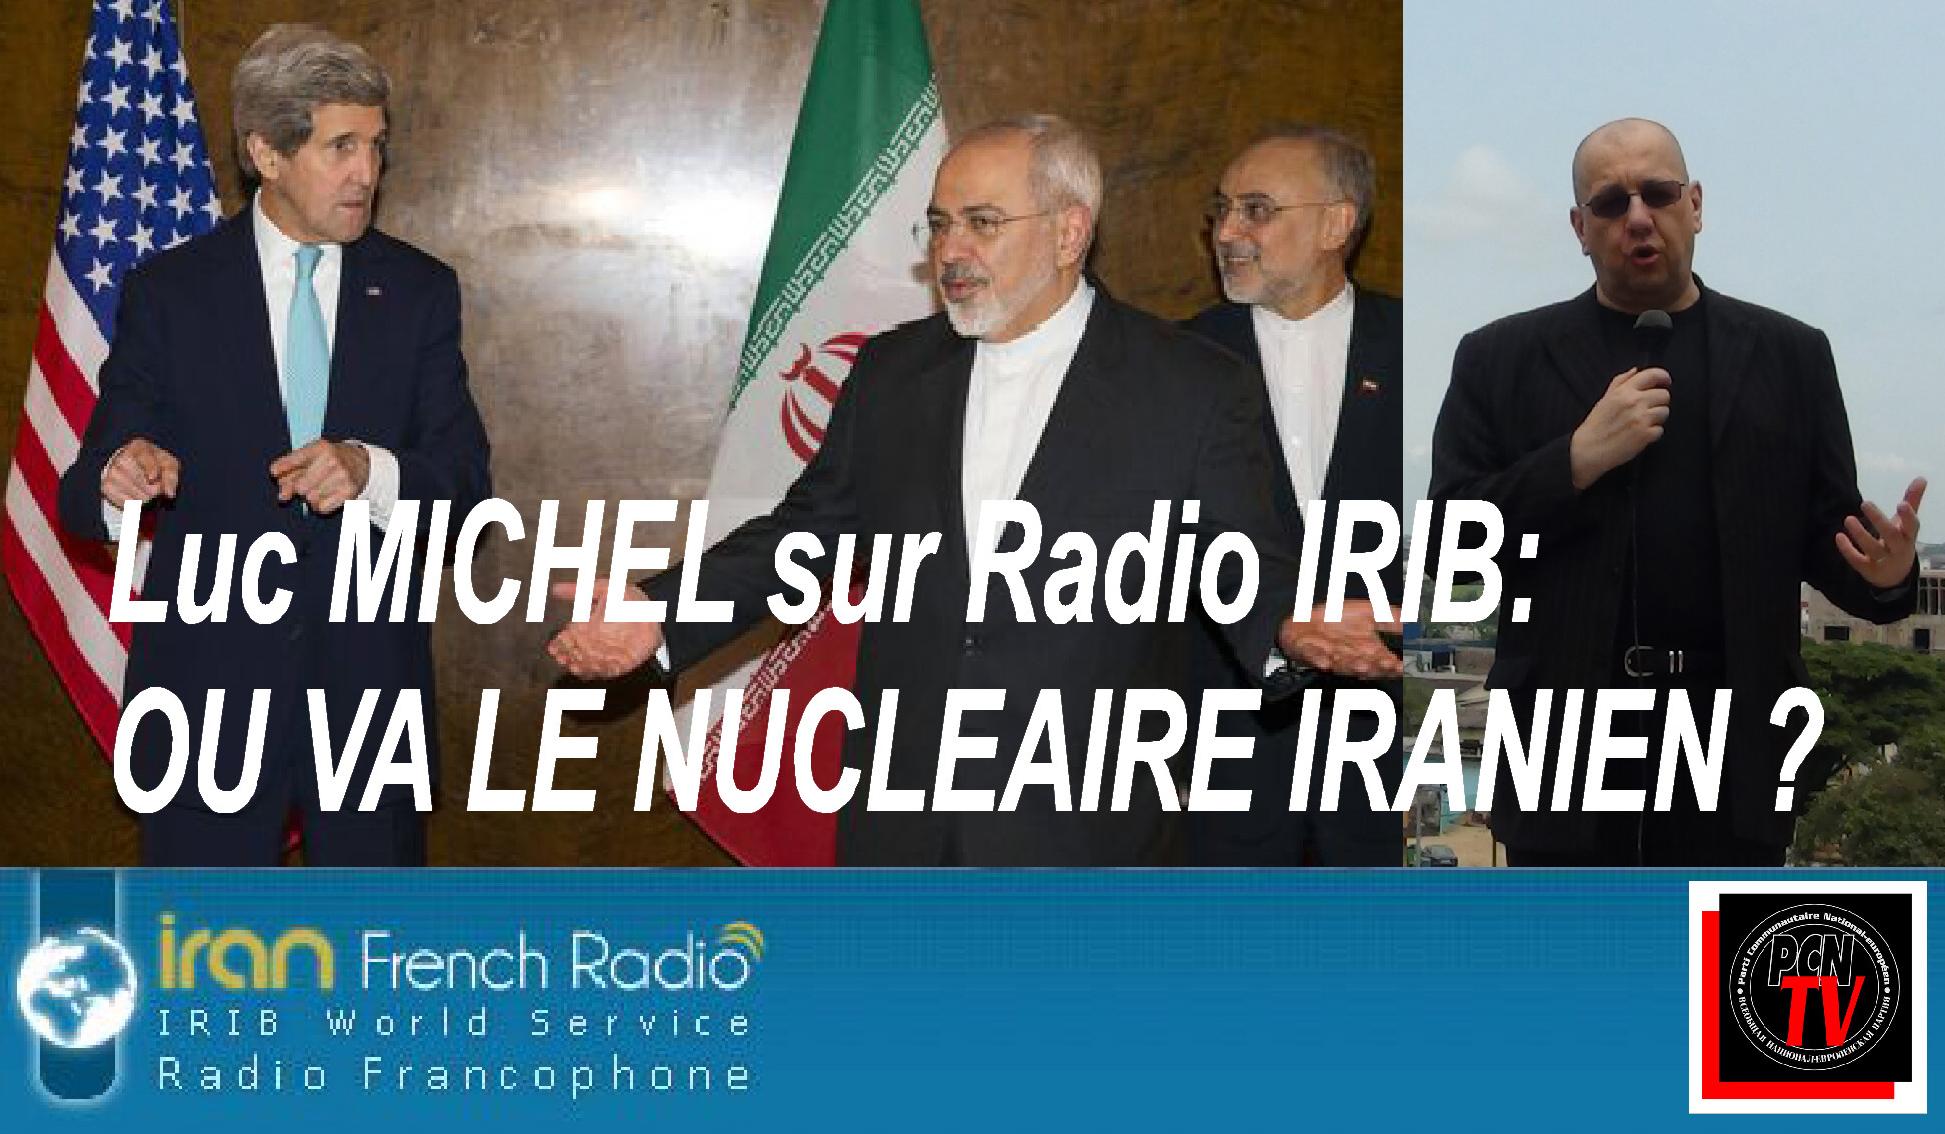 PCN-TV - LM sur IRIB ou va le nucleaire iranien (2015 03 22) FR